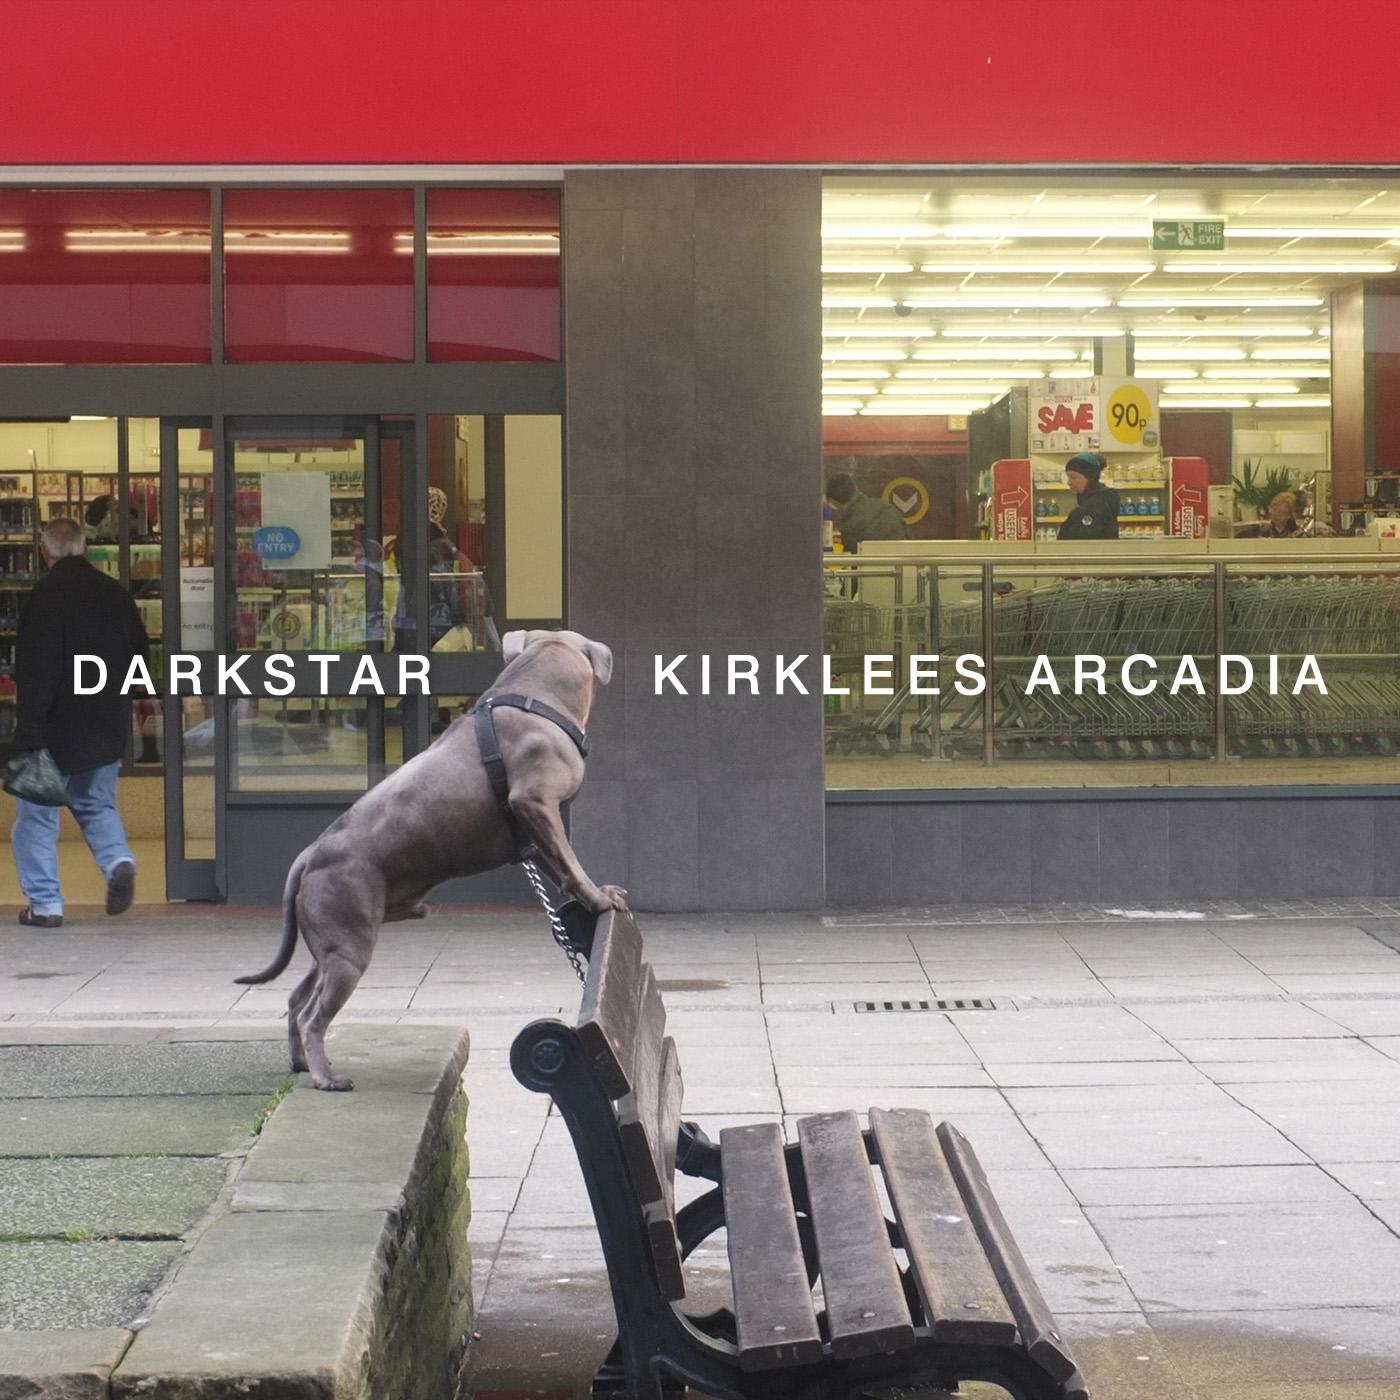 Kirklees Arcadia